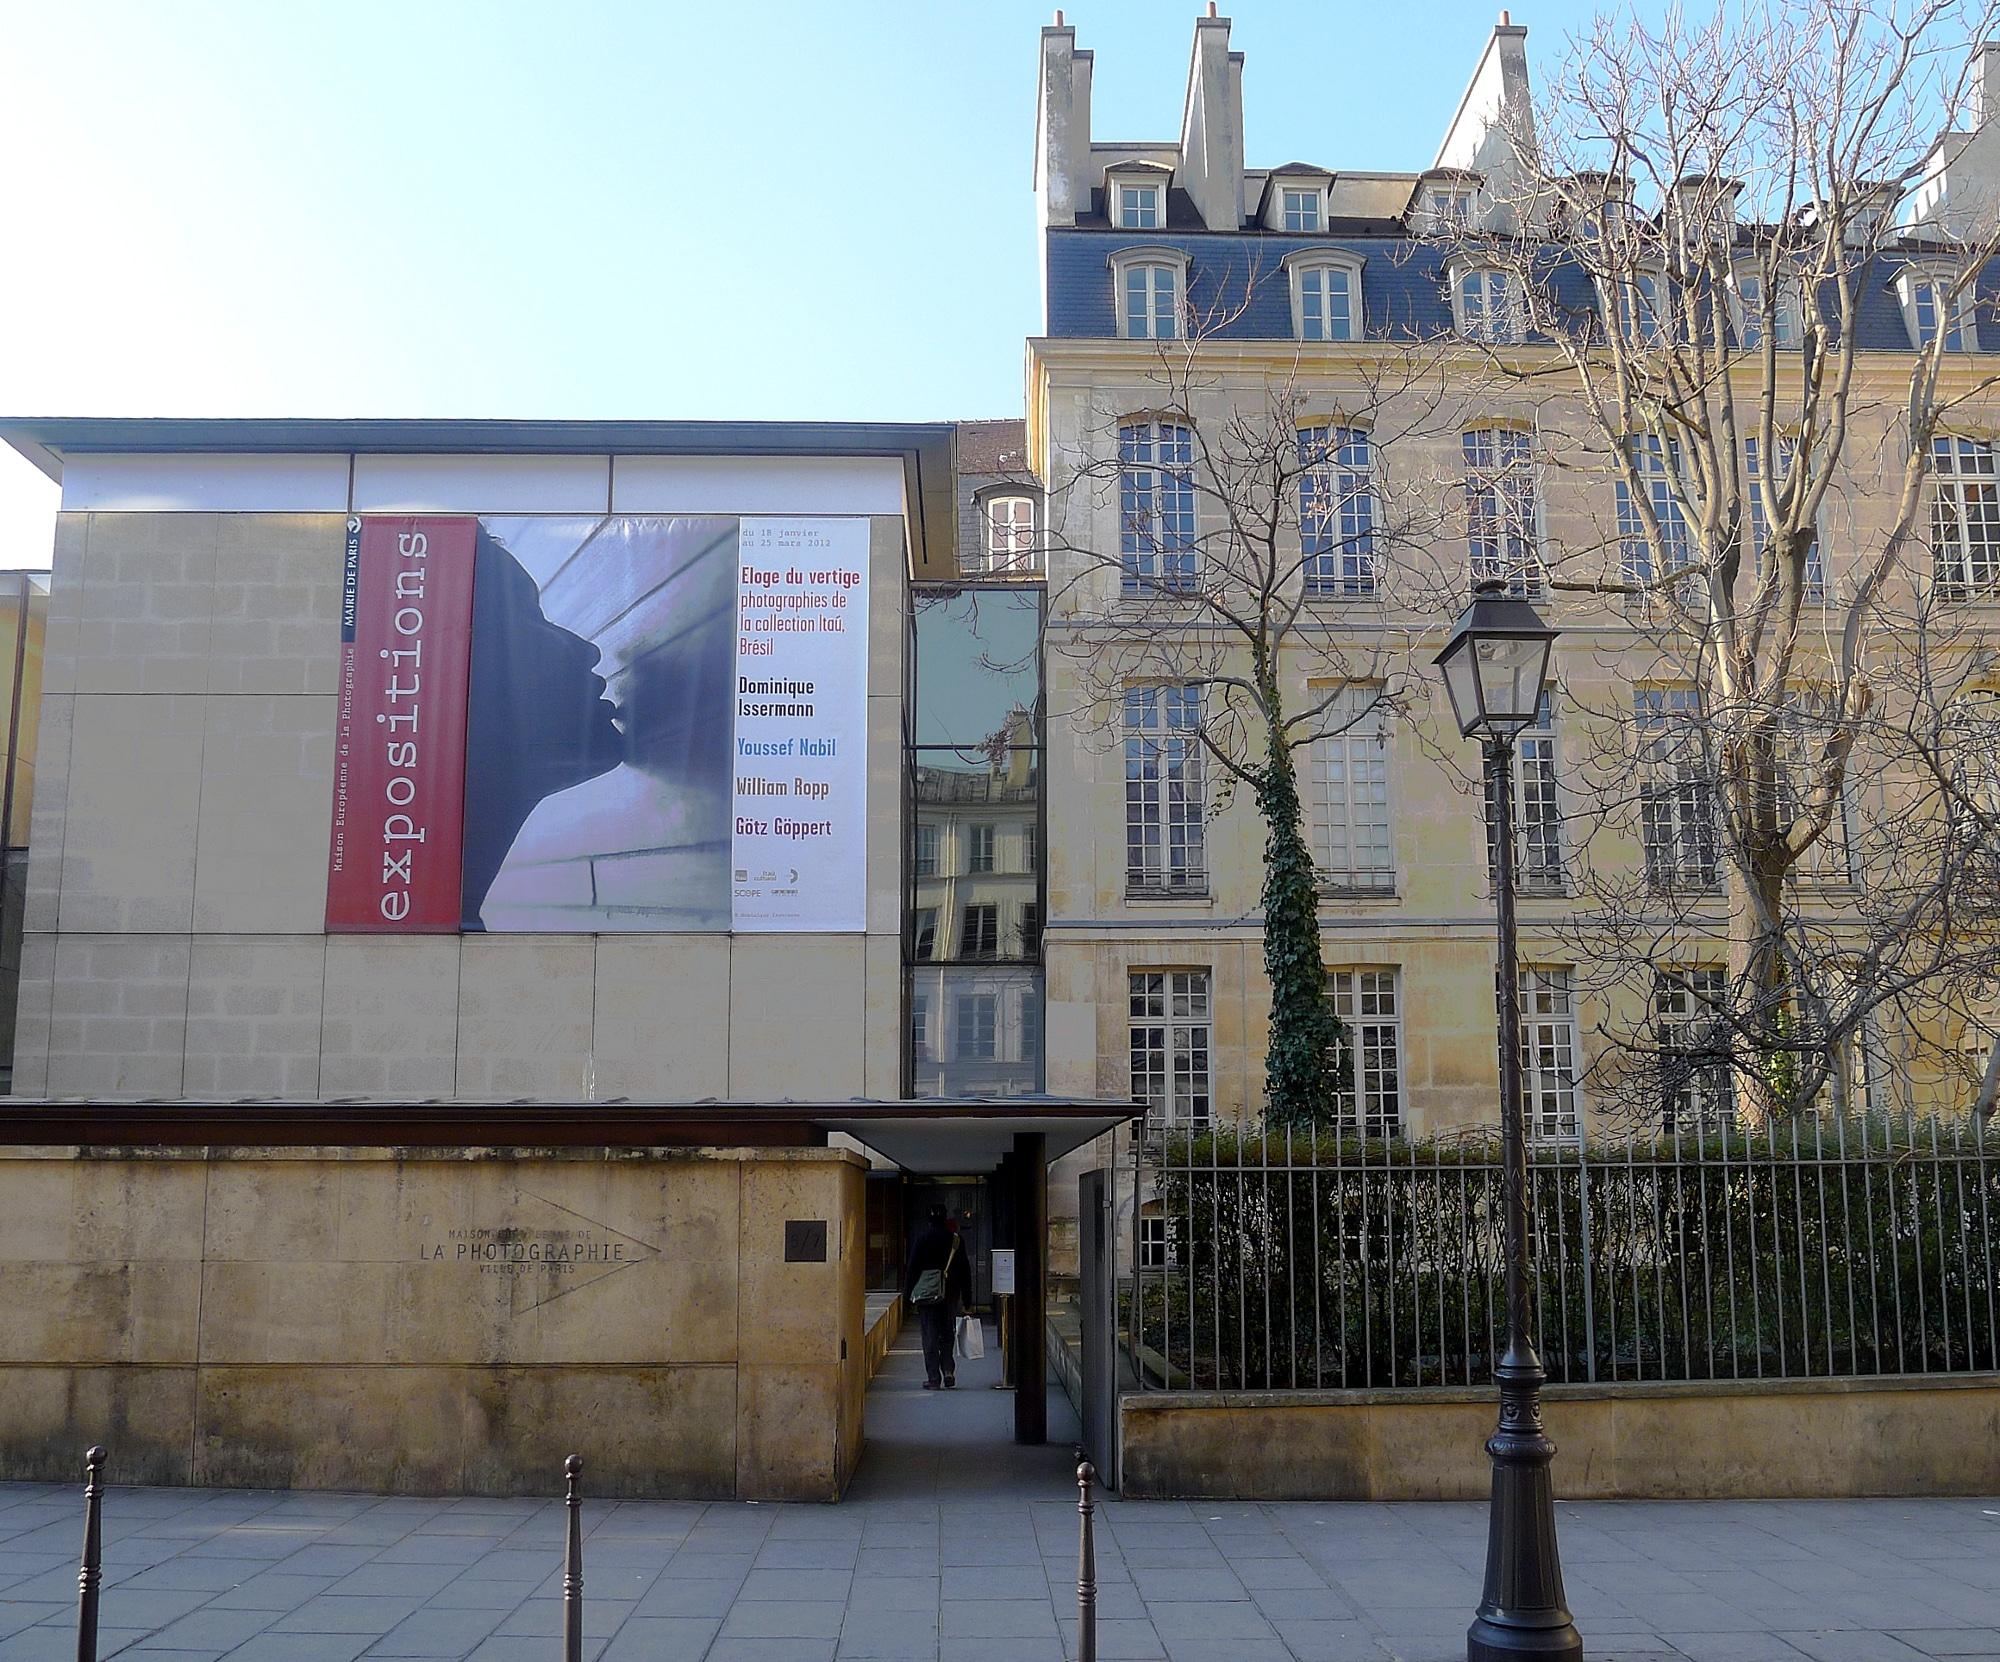 Recomendación cultural: MEP (Maison Européenne de la Photographie)